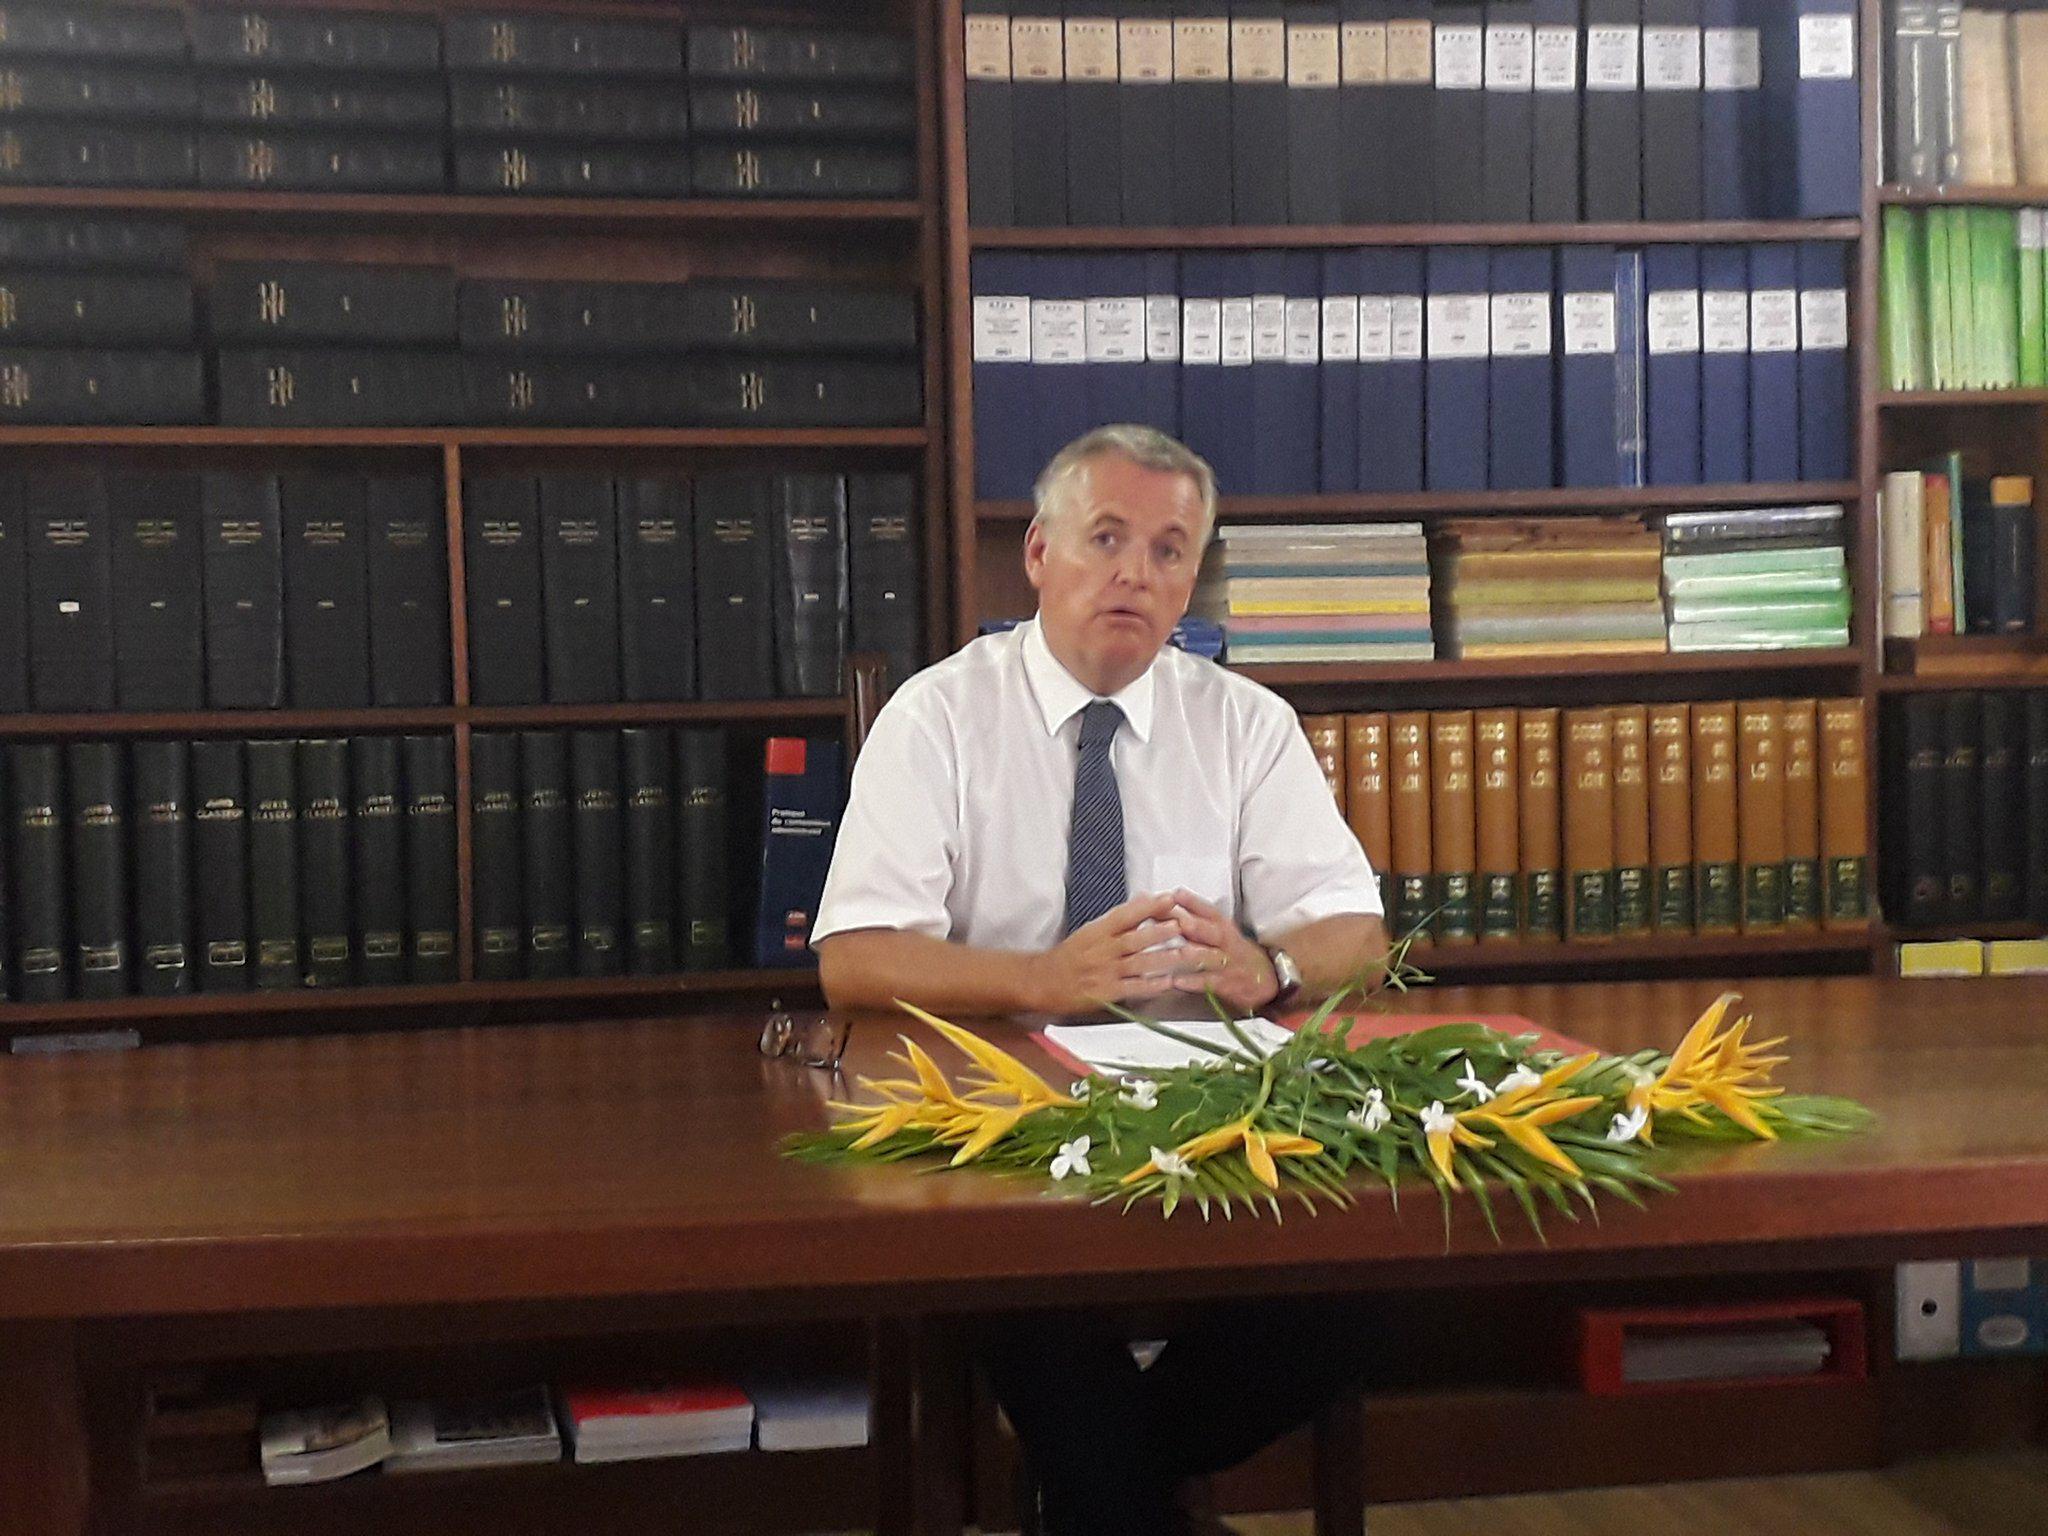 Tribunal administratif: le nombre d'affaires a baissé de 28 % en 2017